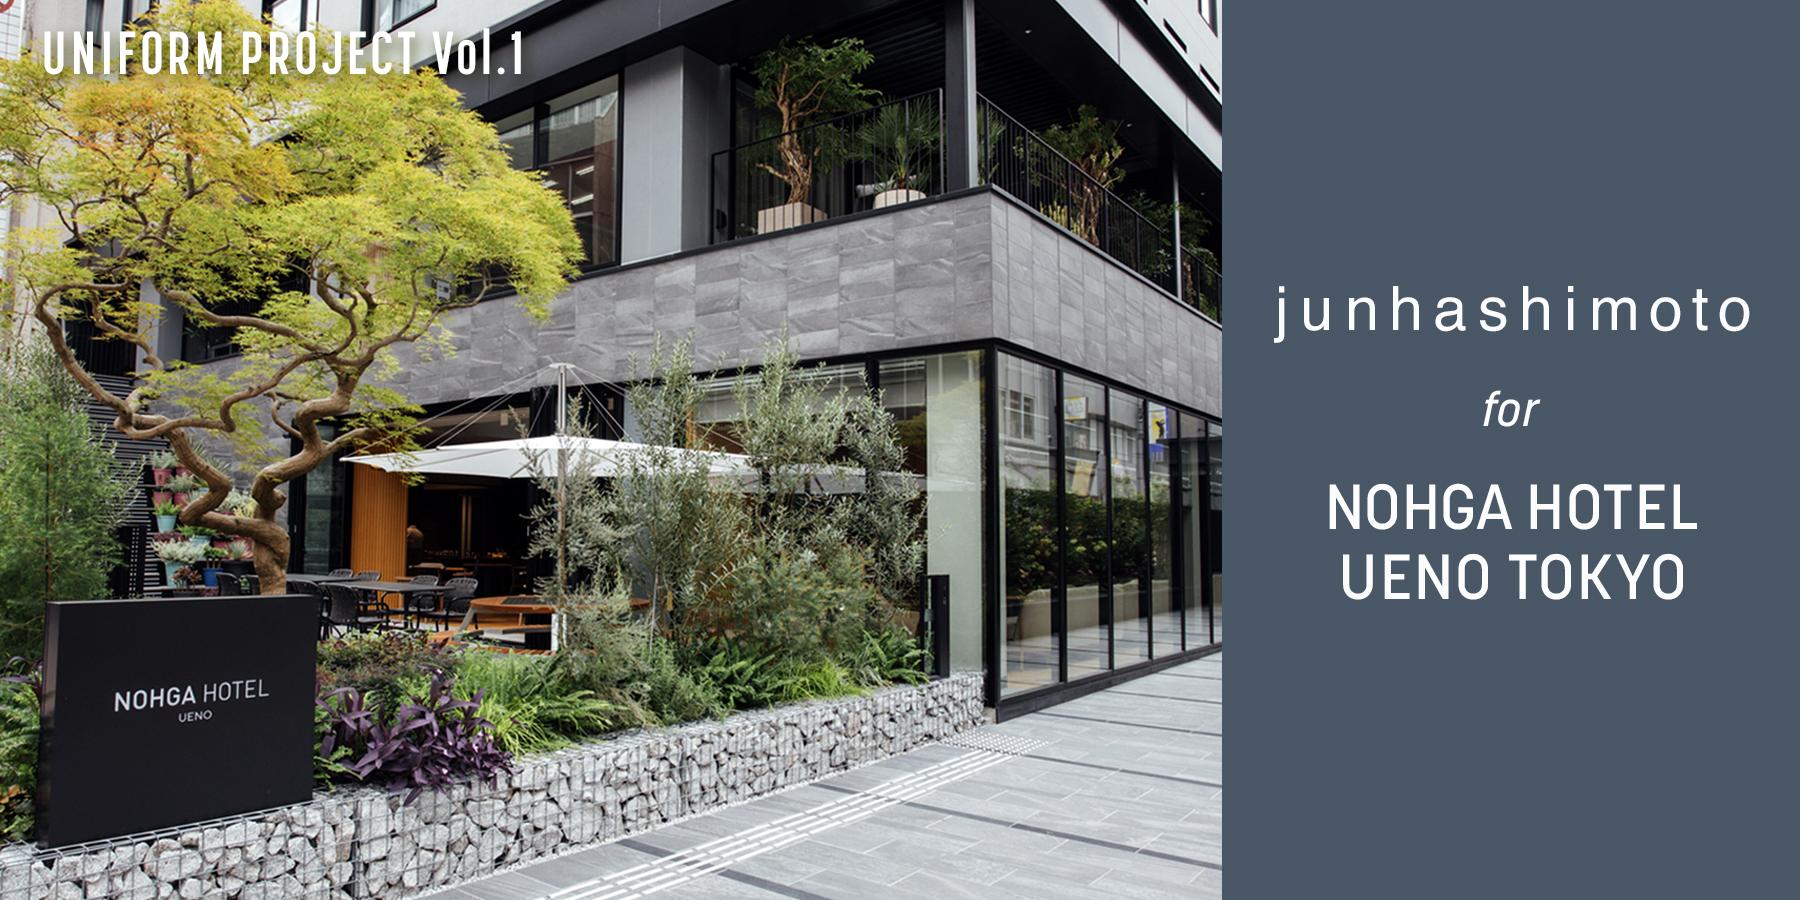 junhashimoto for NOHGA HOTEL UENO TOKYO